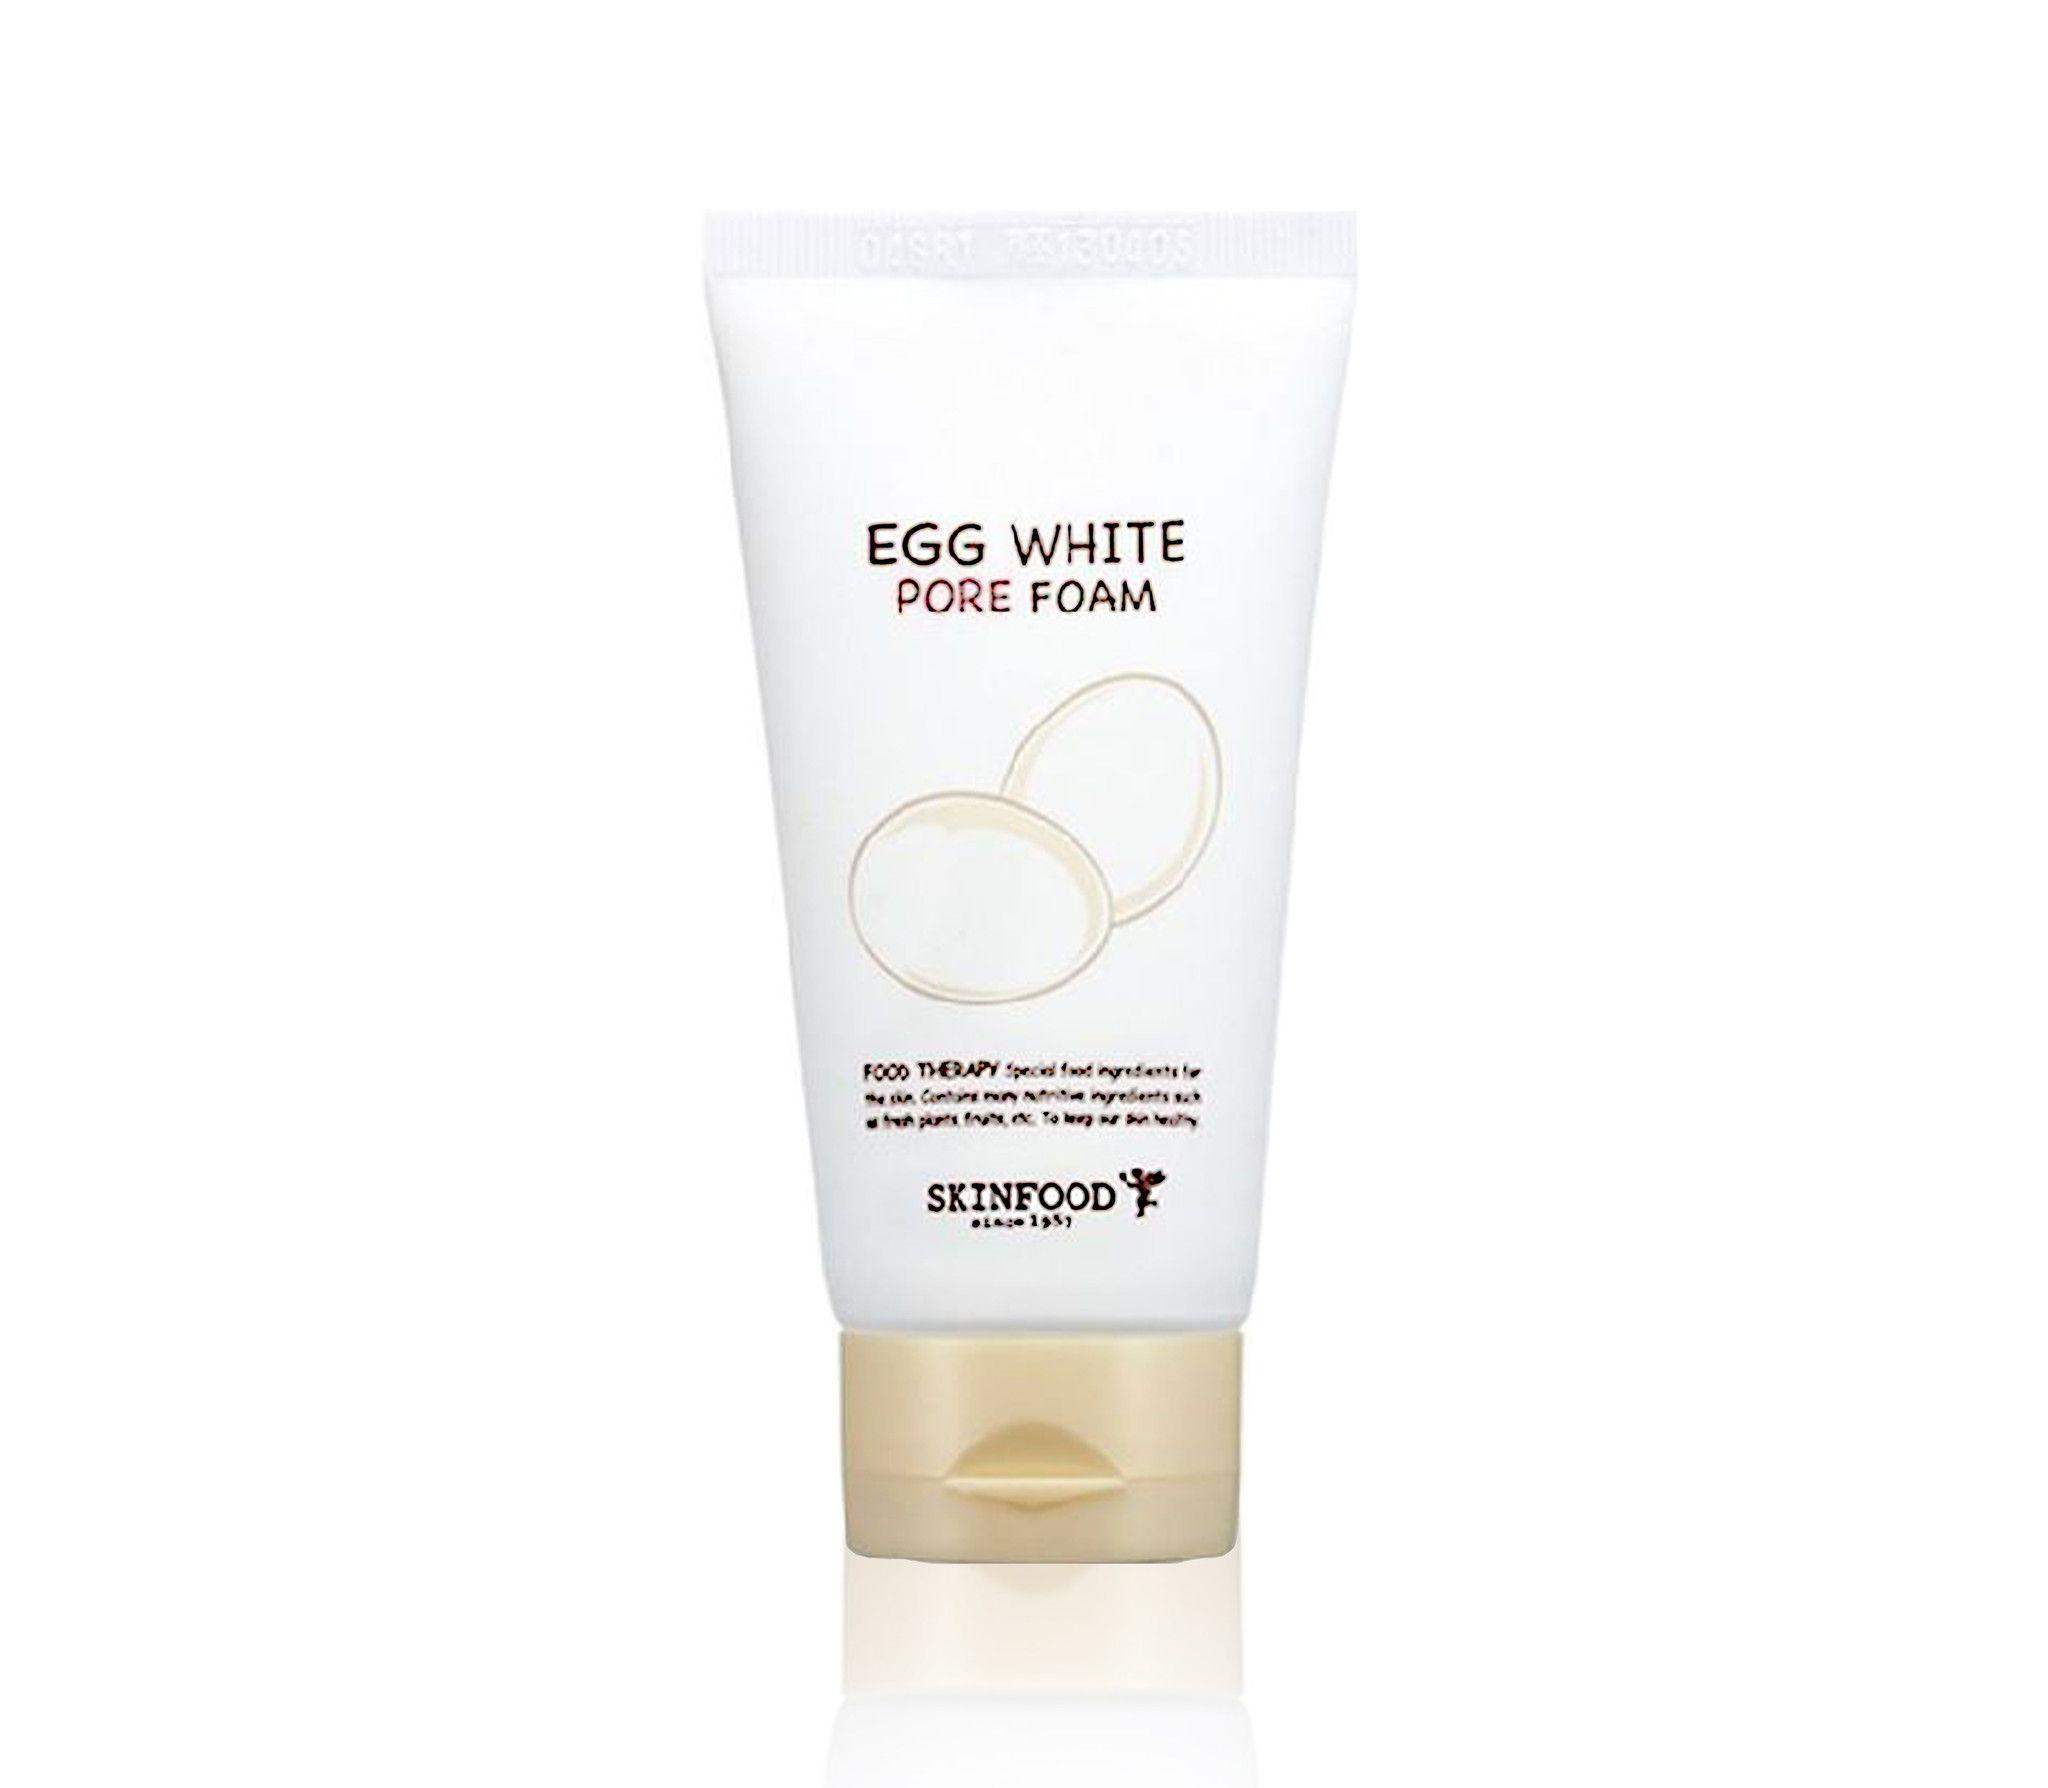 Egg White Pore Foam